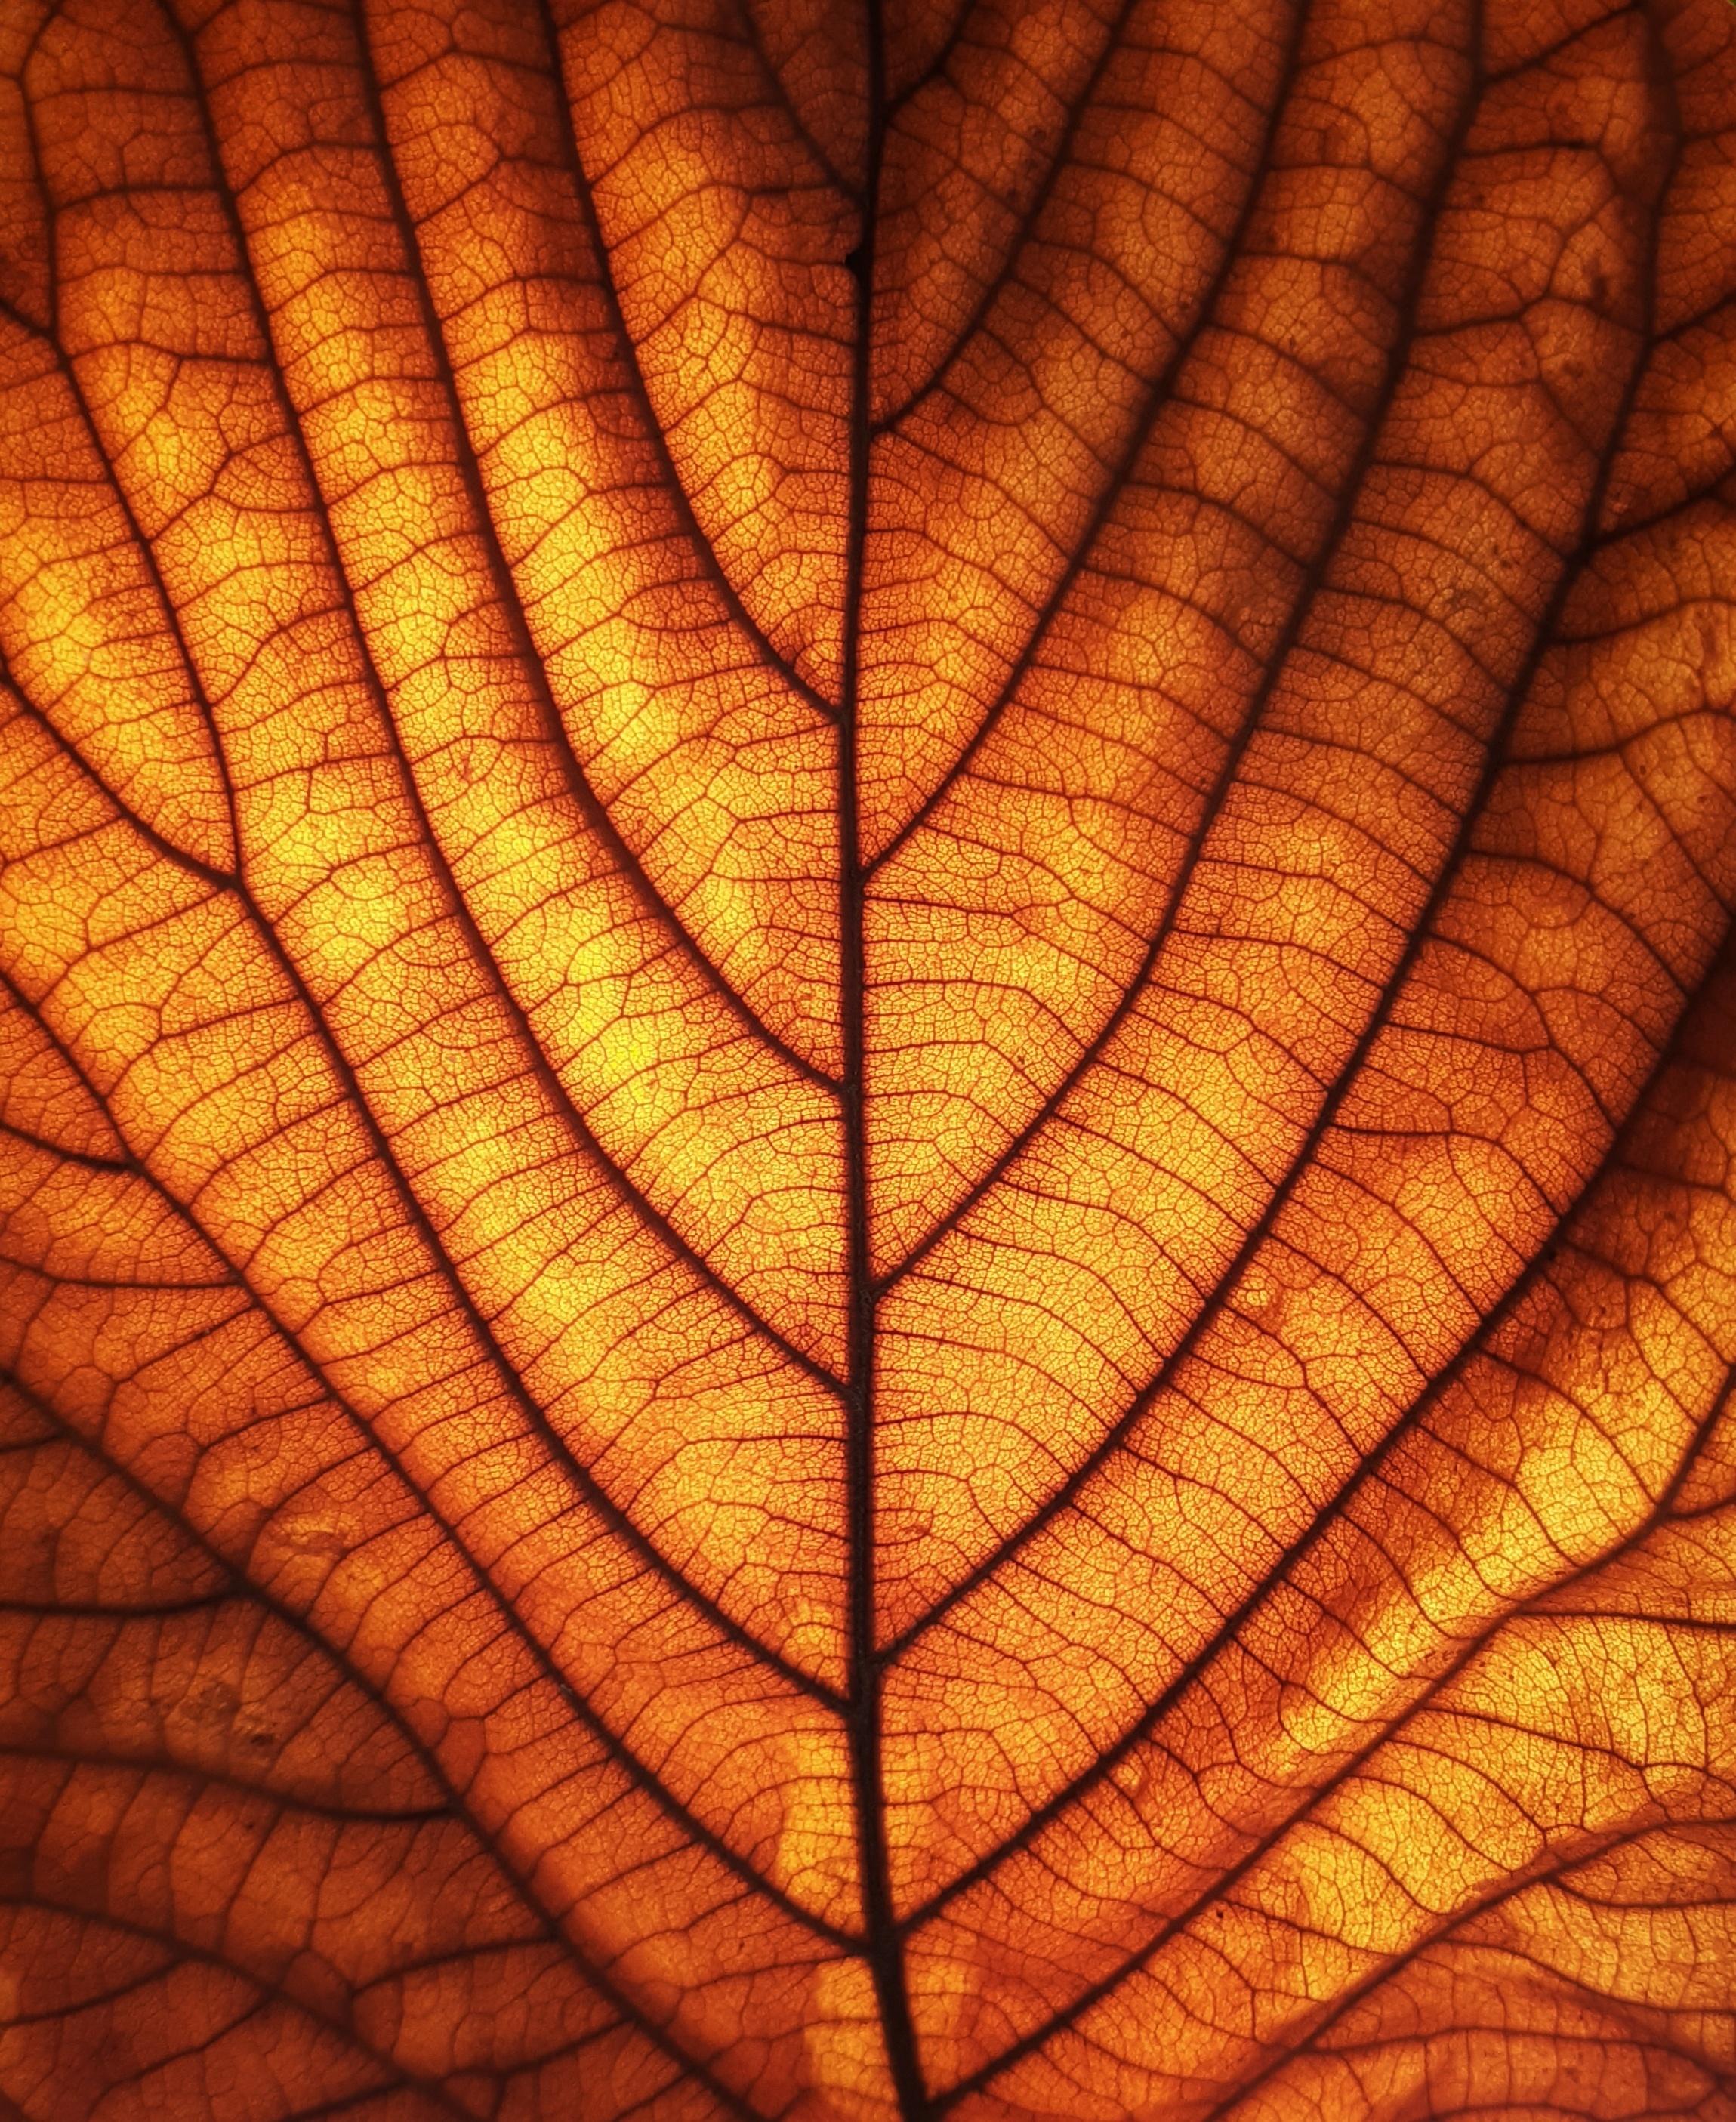 Free Images Leaf Autumn Tree Texture Orange Light